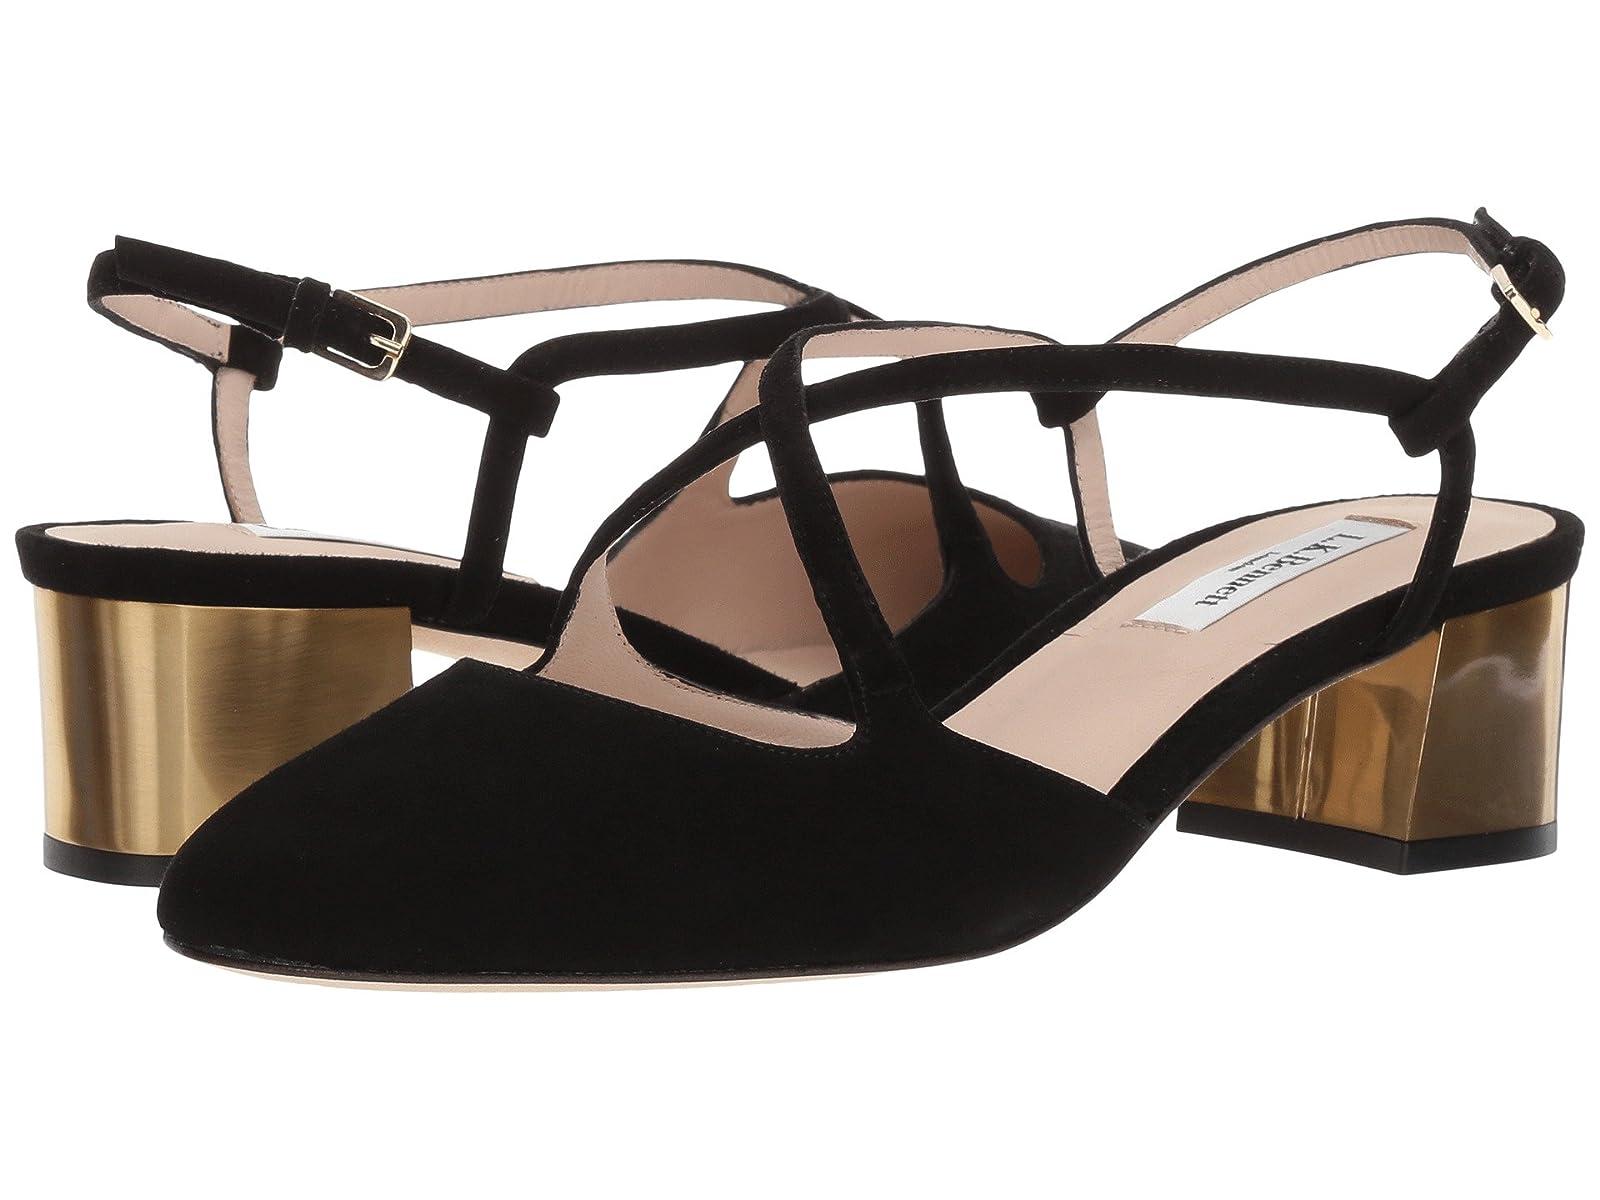 L.K. Bennett ClaudetteCheap and distinctive eye-catching shoes